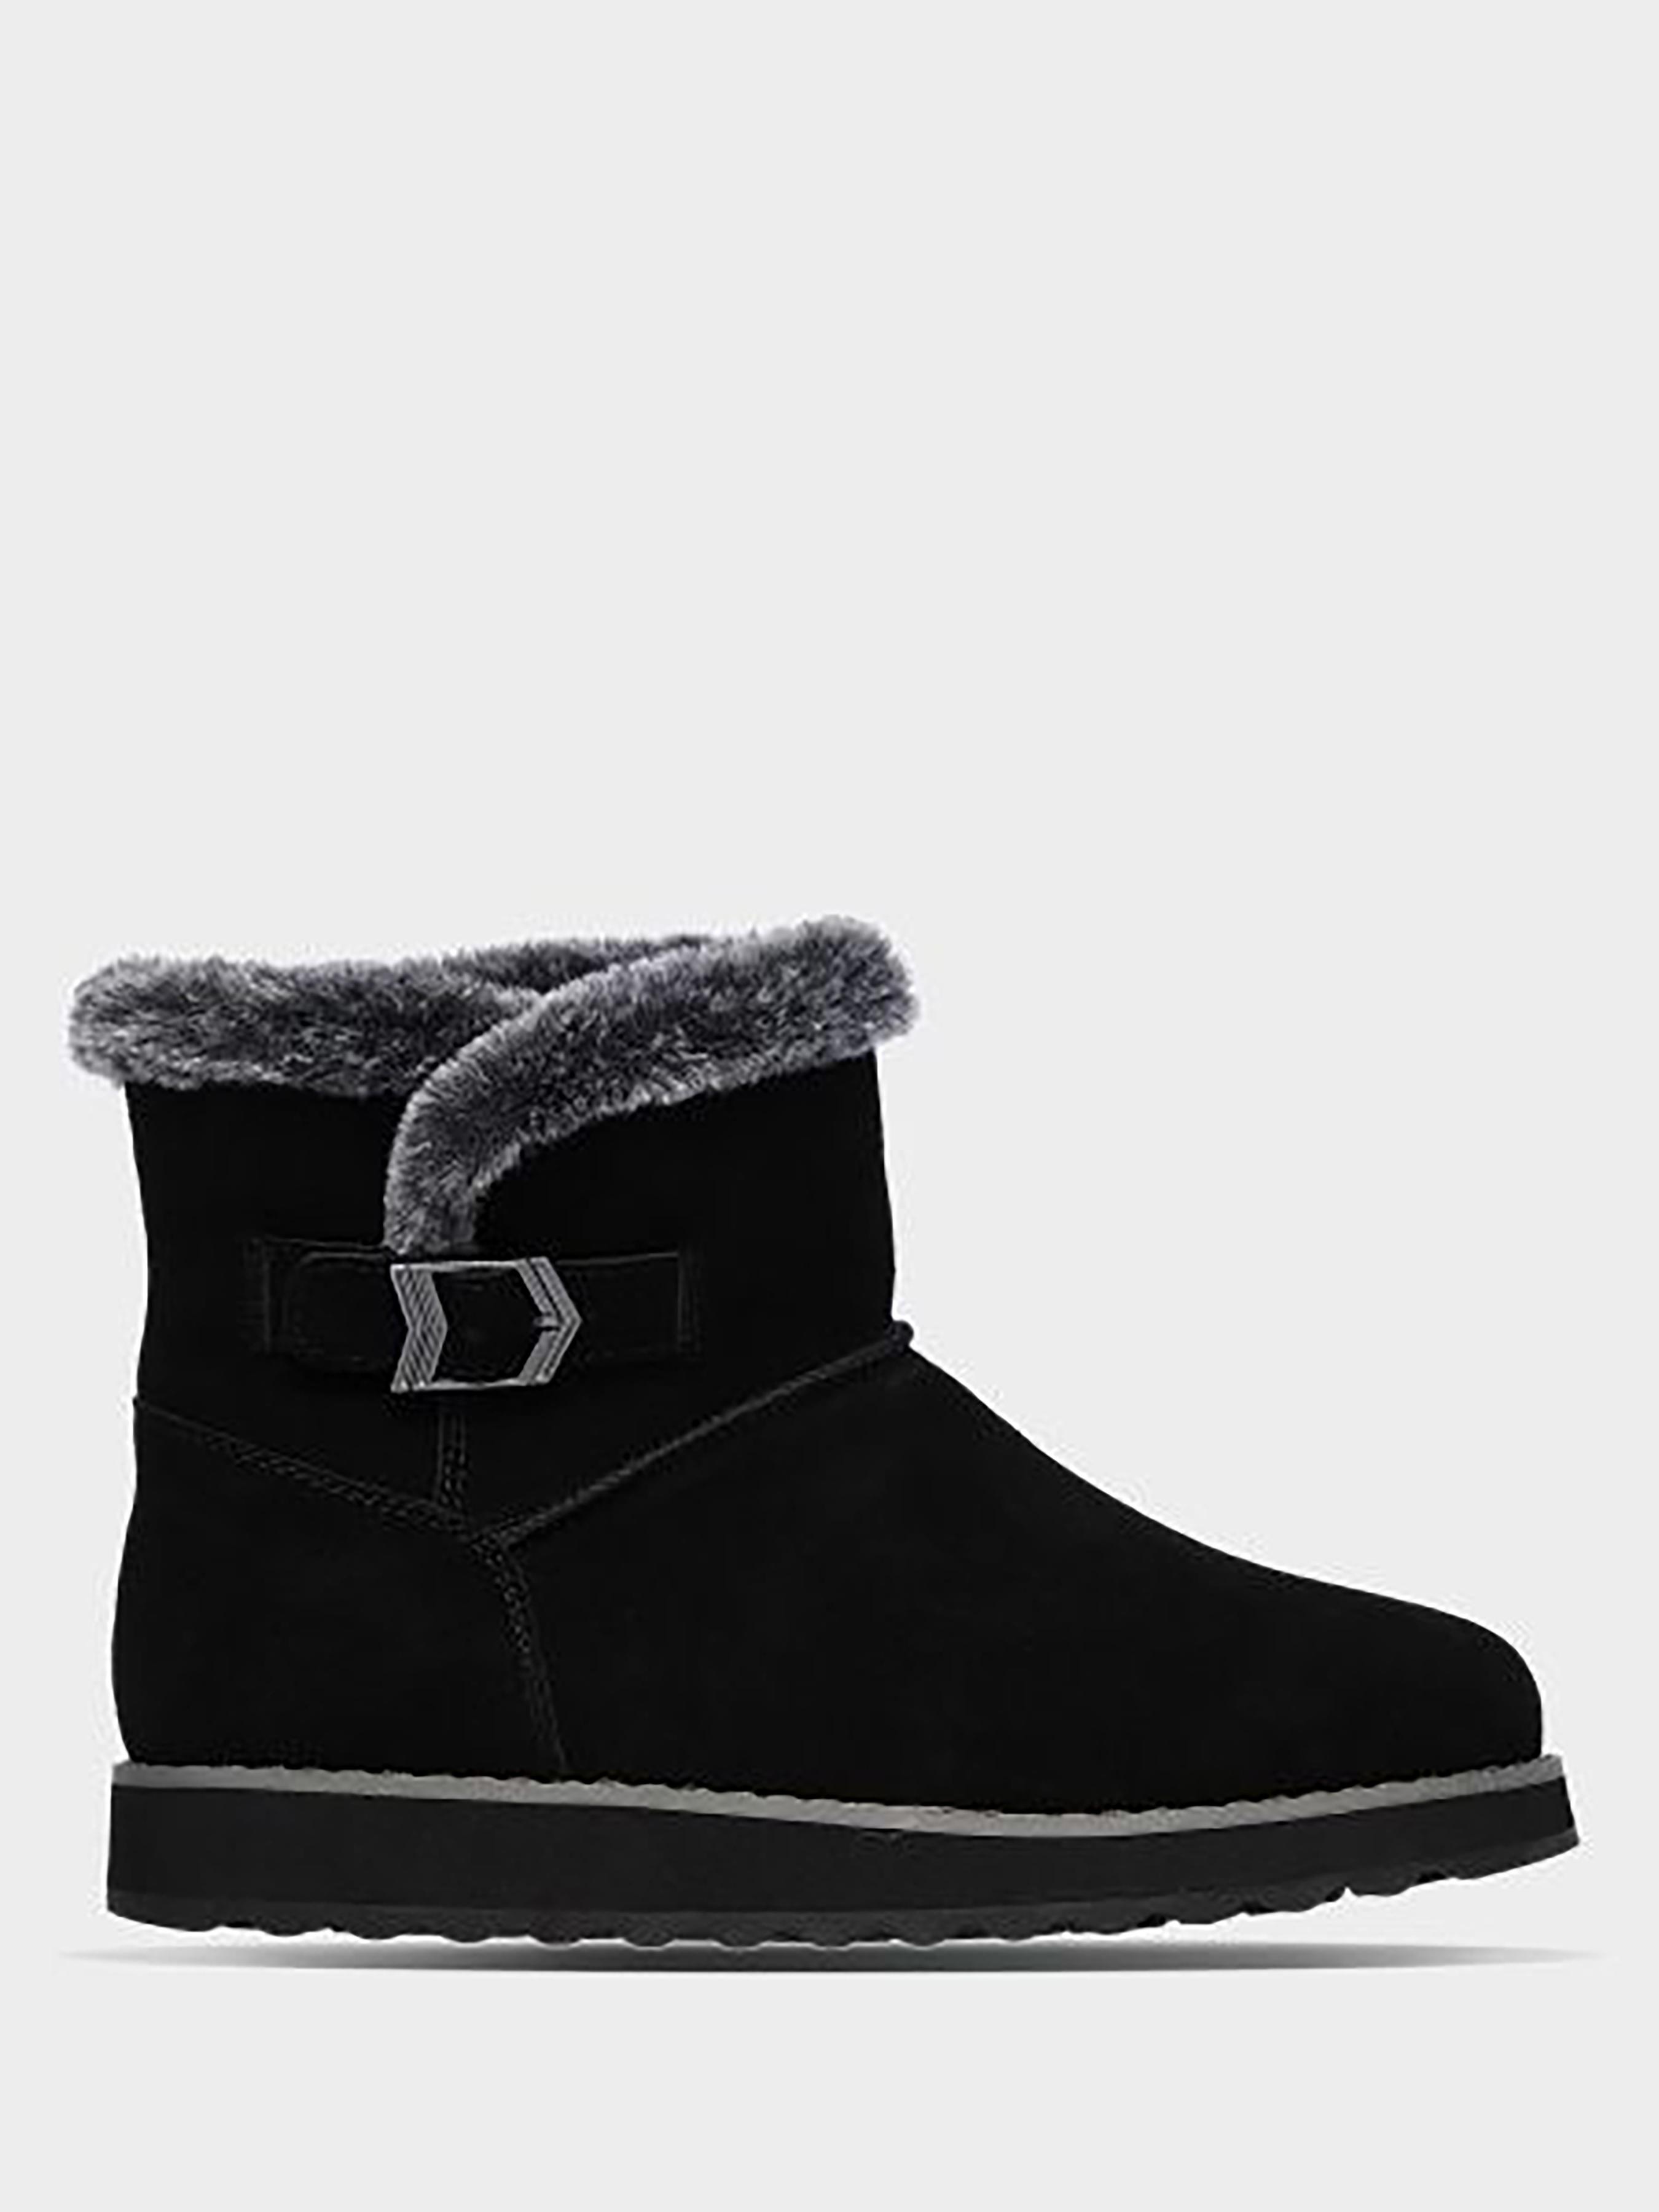 Ботинки для женщин Skechers KW5140 купить в Интертоп, 2017